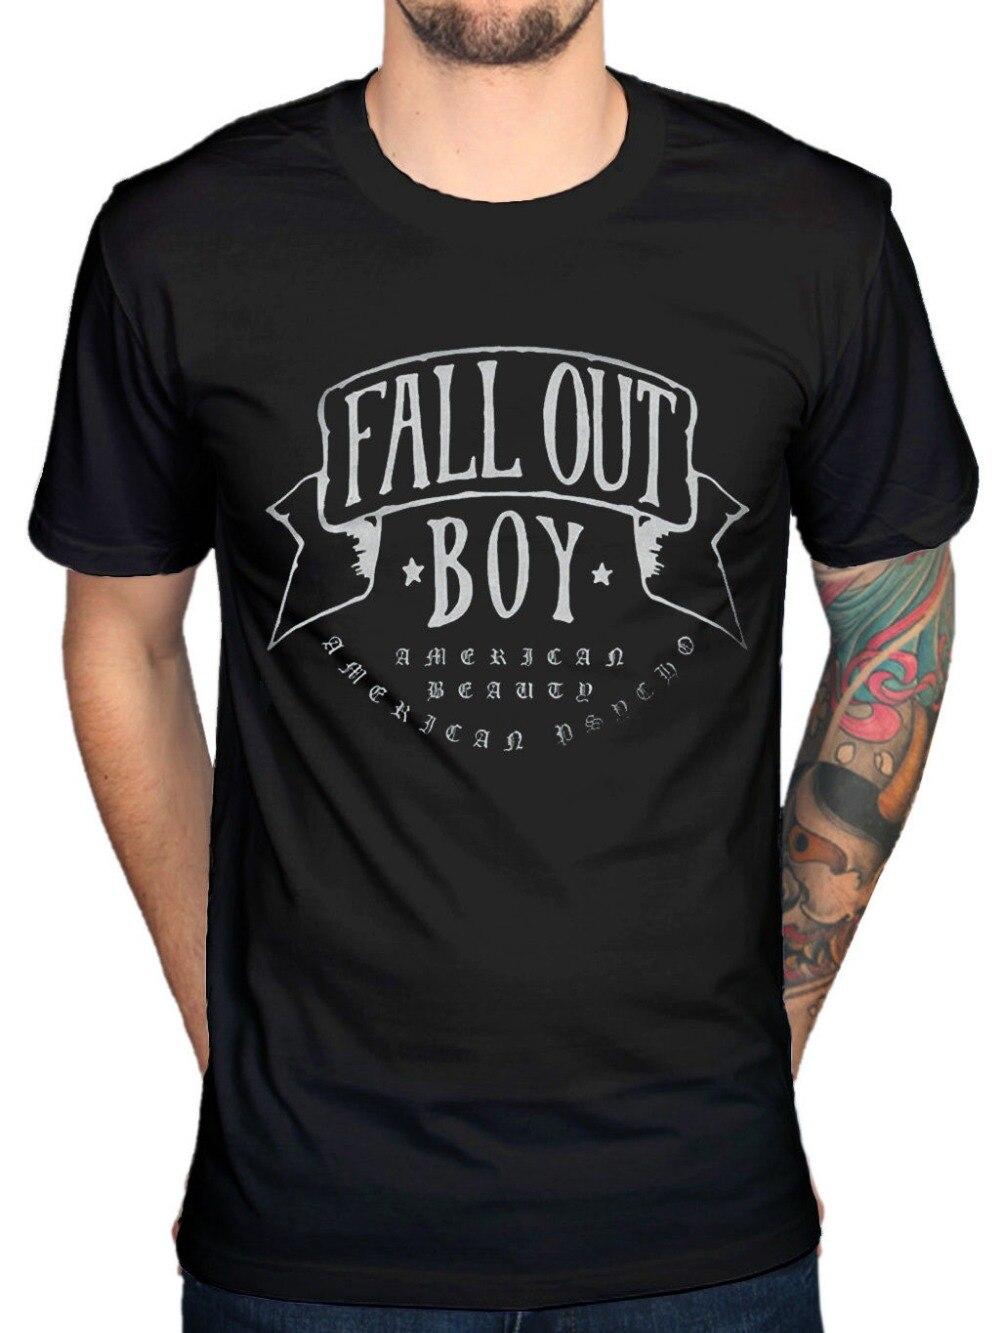 2018 Summer Casual Man T Shirt Official Fall Out Boy American Beauty T-Shirt Rock Band Centuries Merchandise